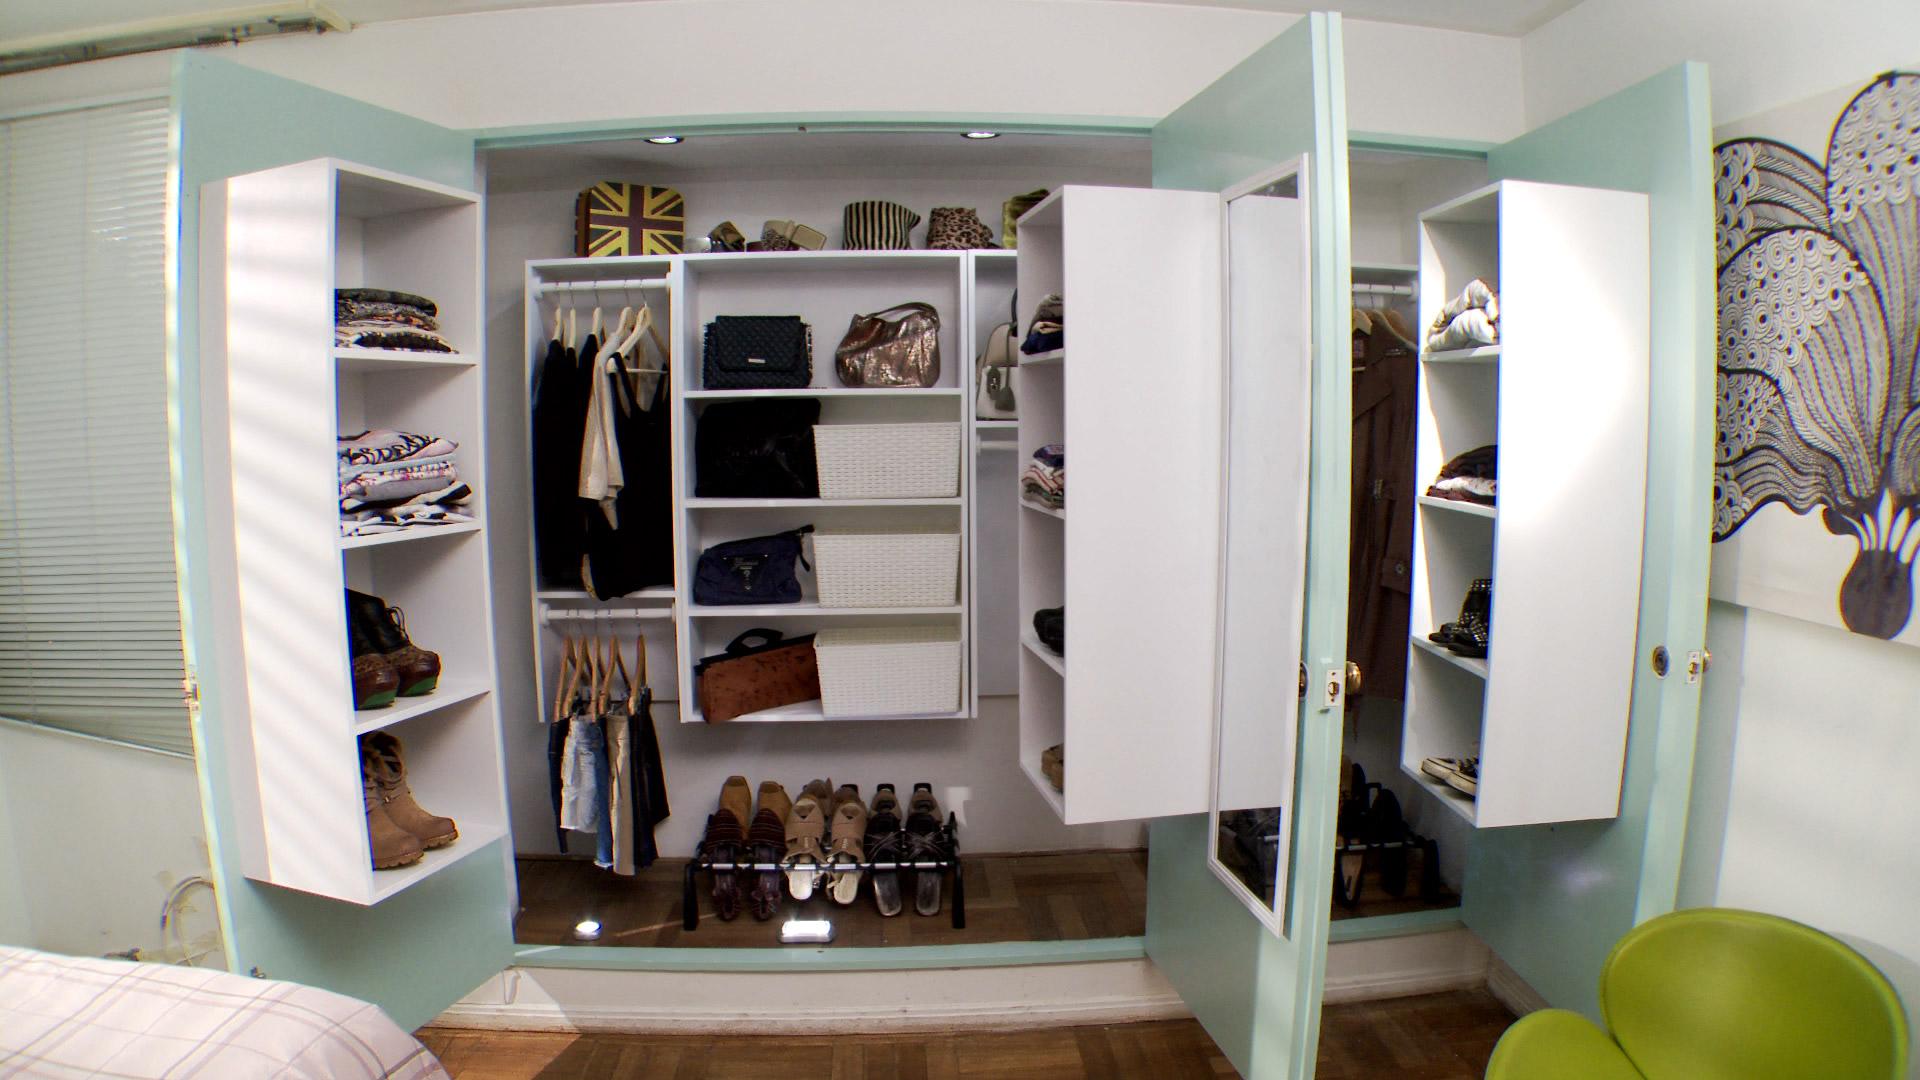 Hgalo Usted Mismo  Cmo hacer de un closet un Walkin